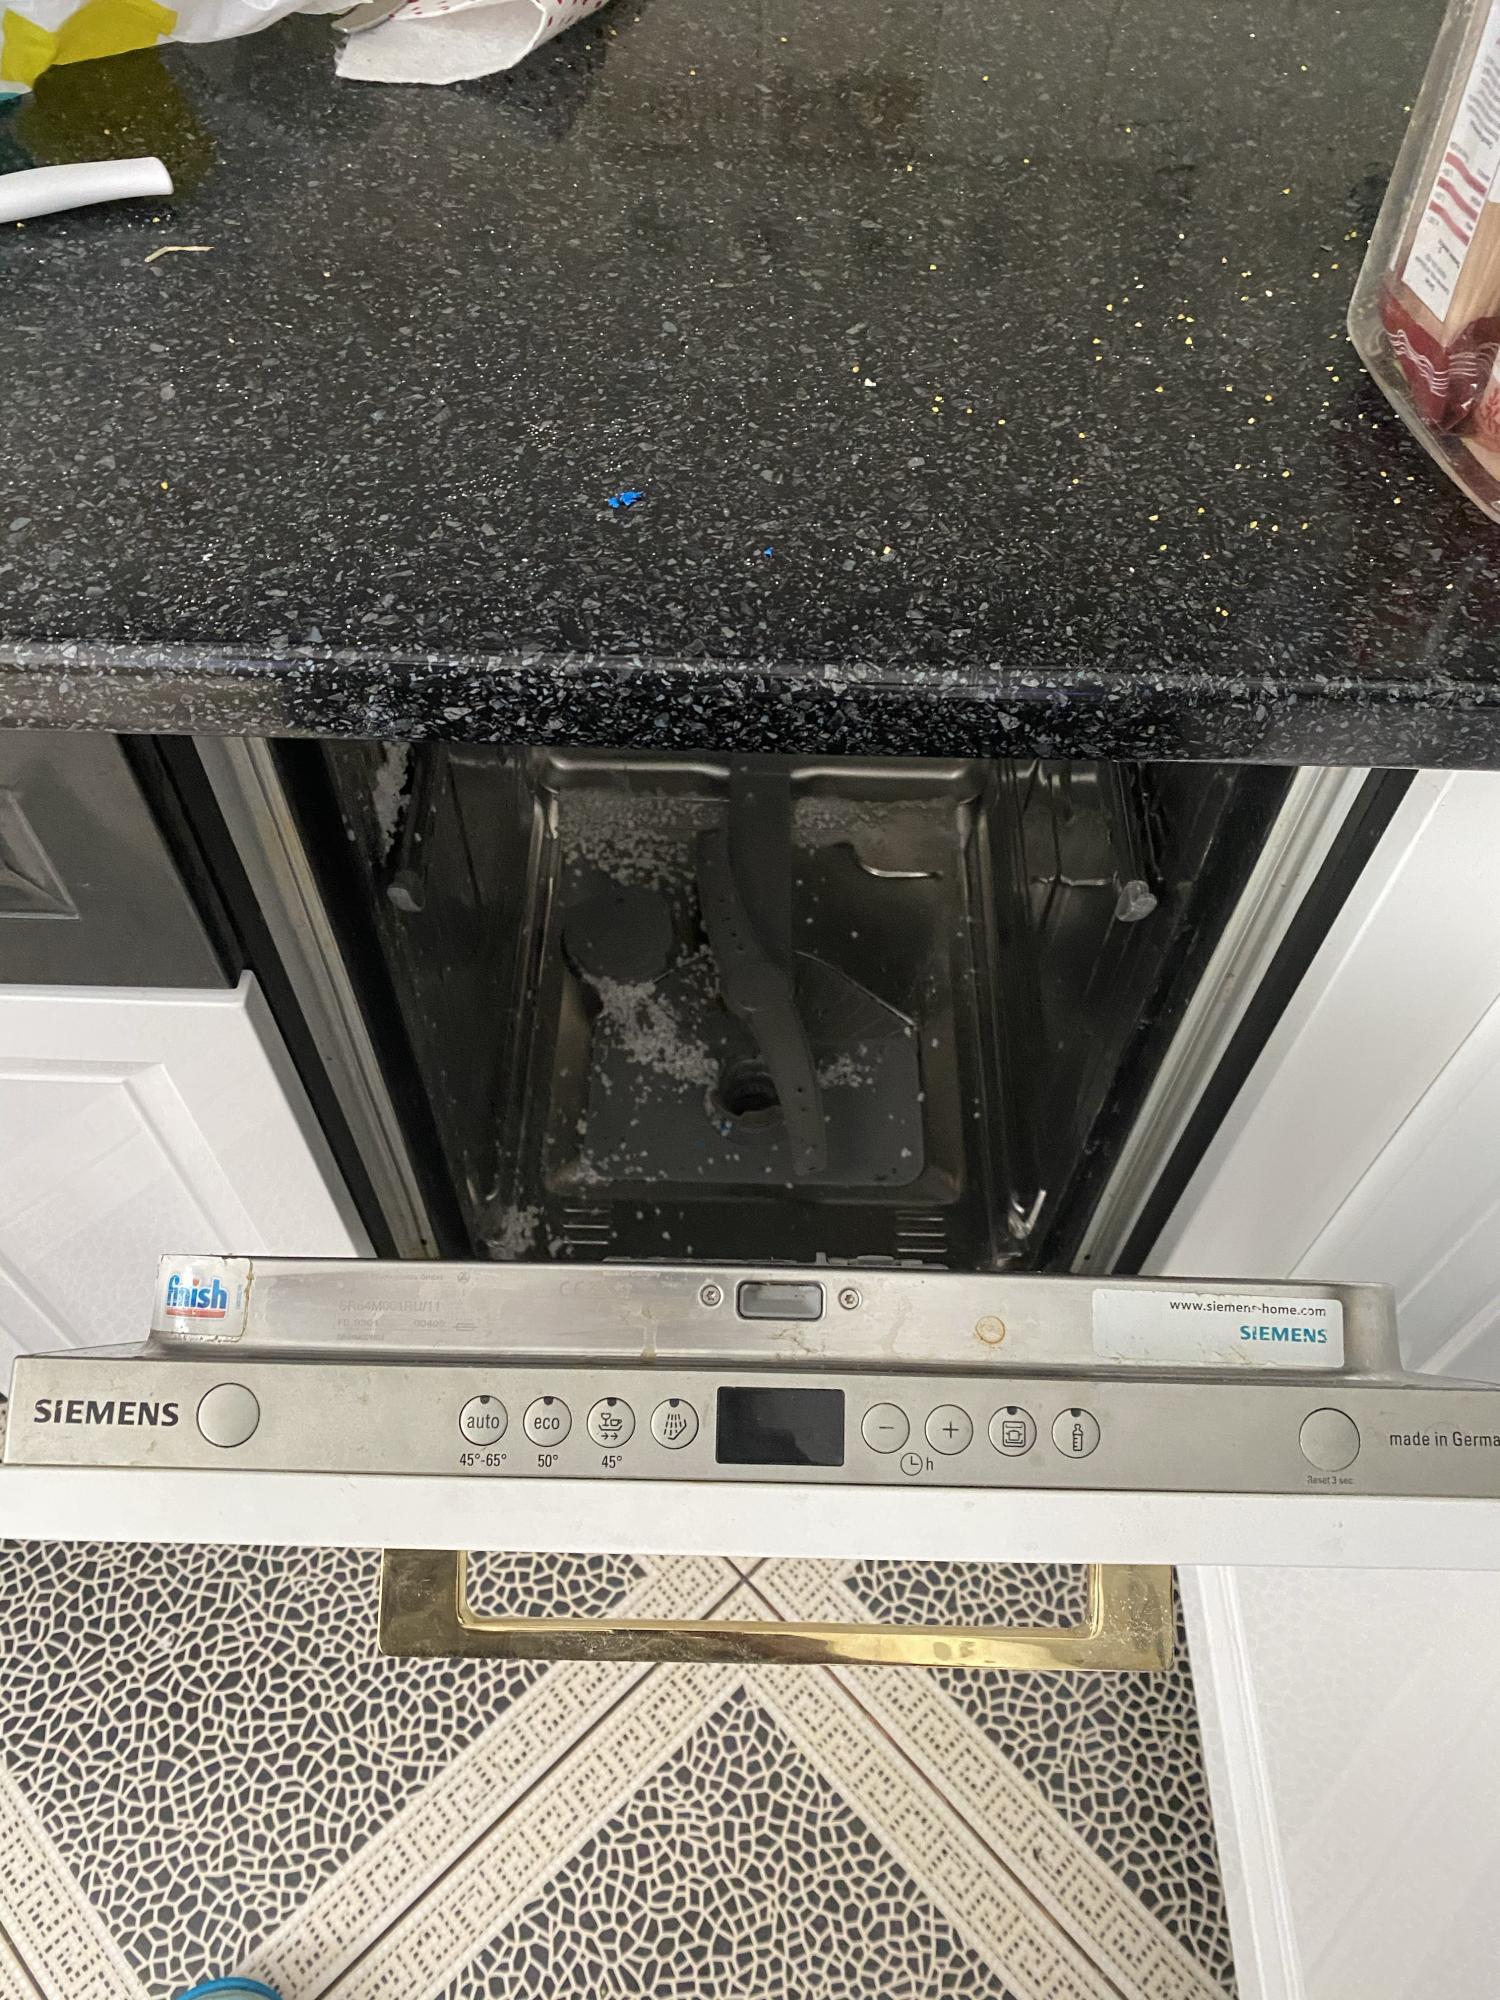 Посудомойка SIEMENS в Химках 89261611395 купить 3